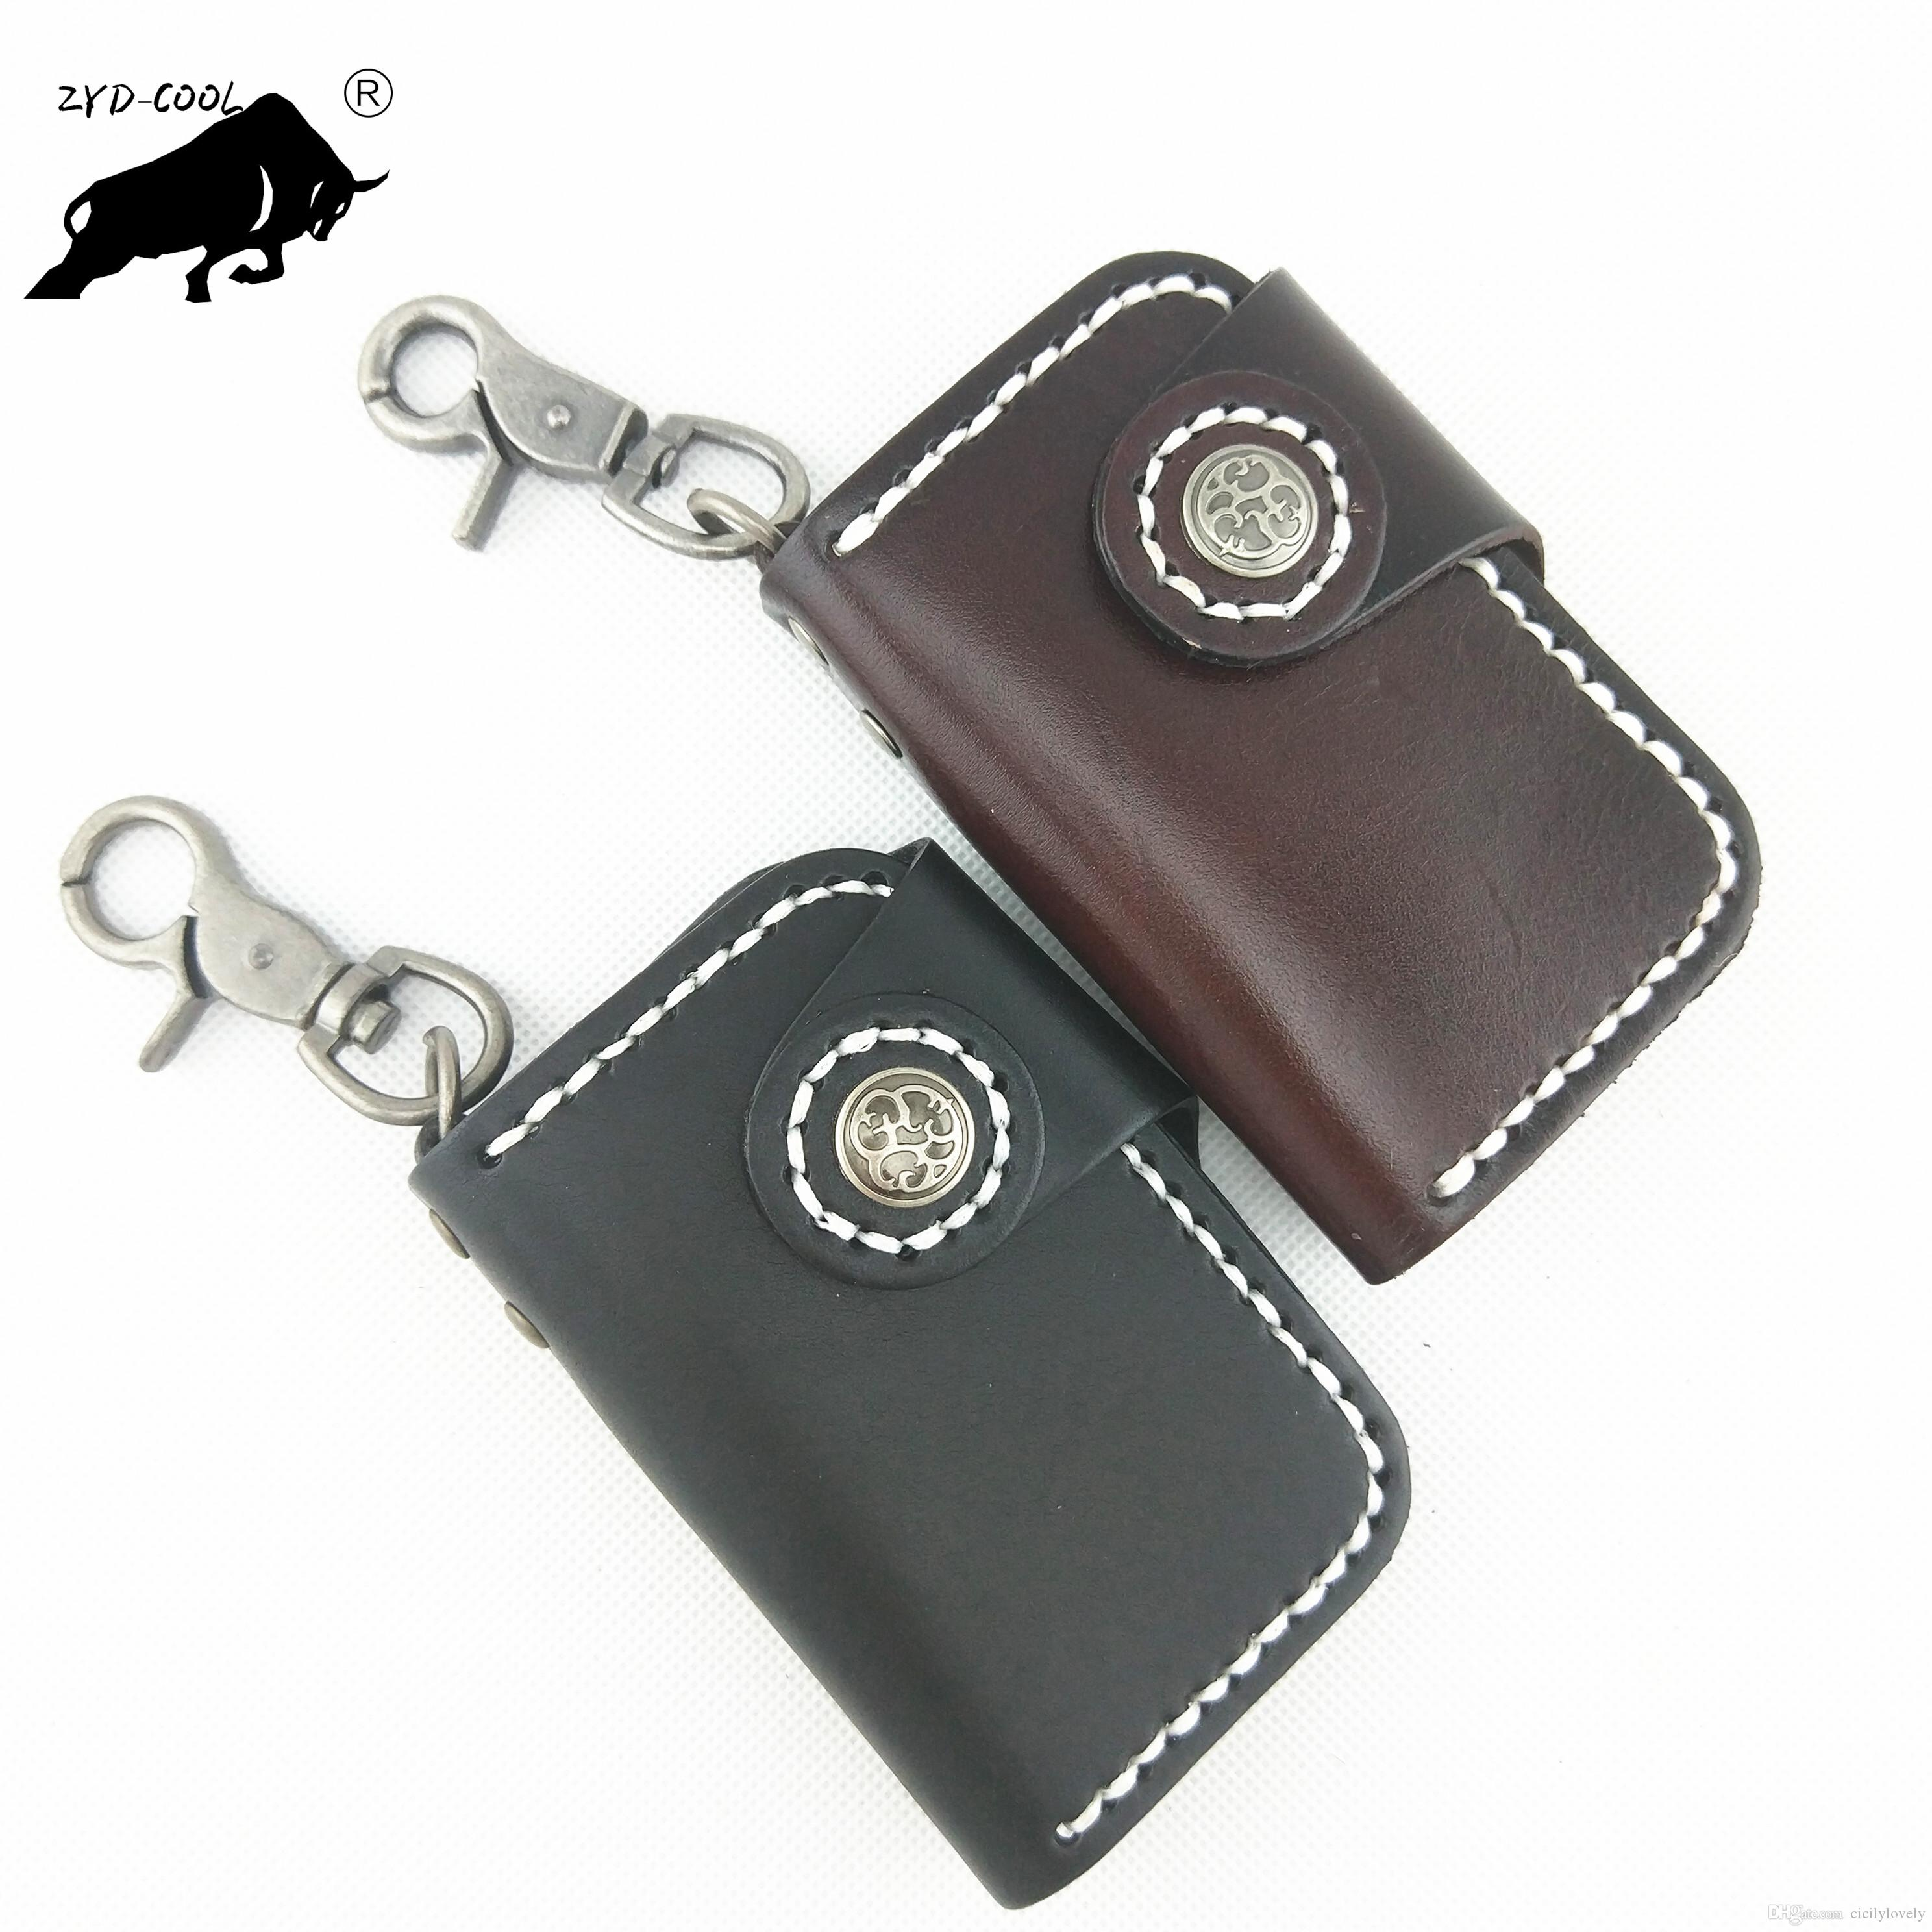 Leather Car Key Case  ae6f4930a2623